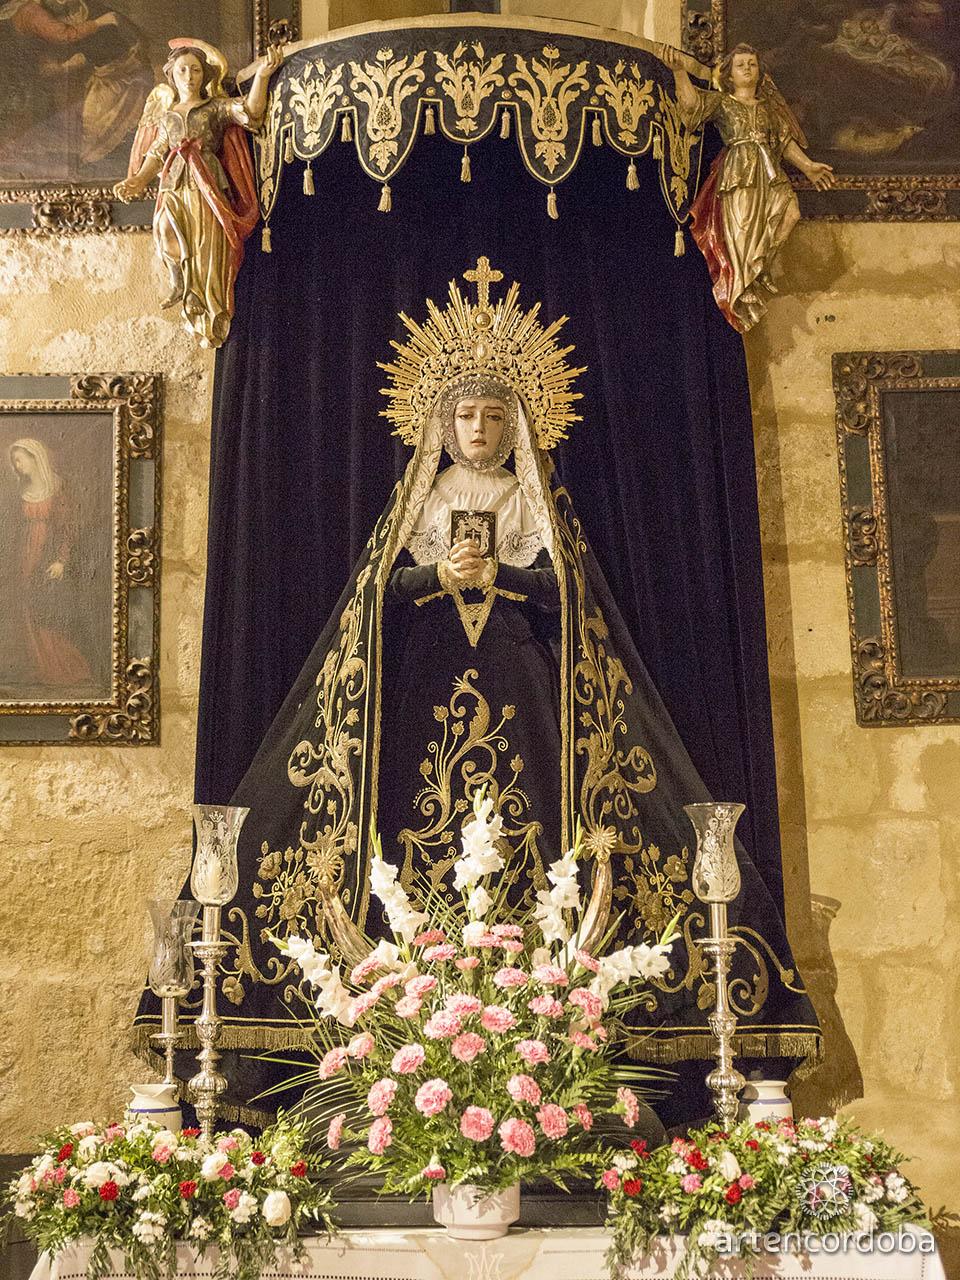 Nuestra Señora Madre de Dios en sus Tristezas - Hermandad del Remedio de Ánimas en Córdoba